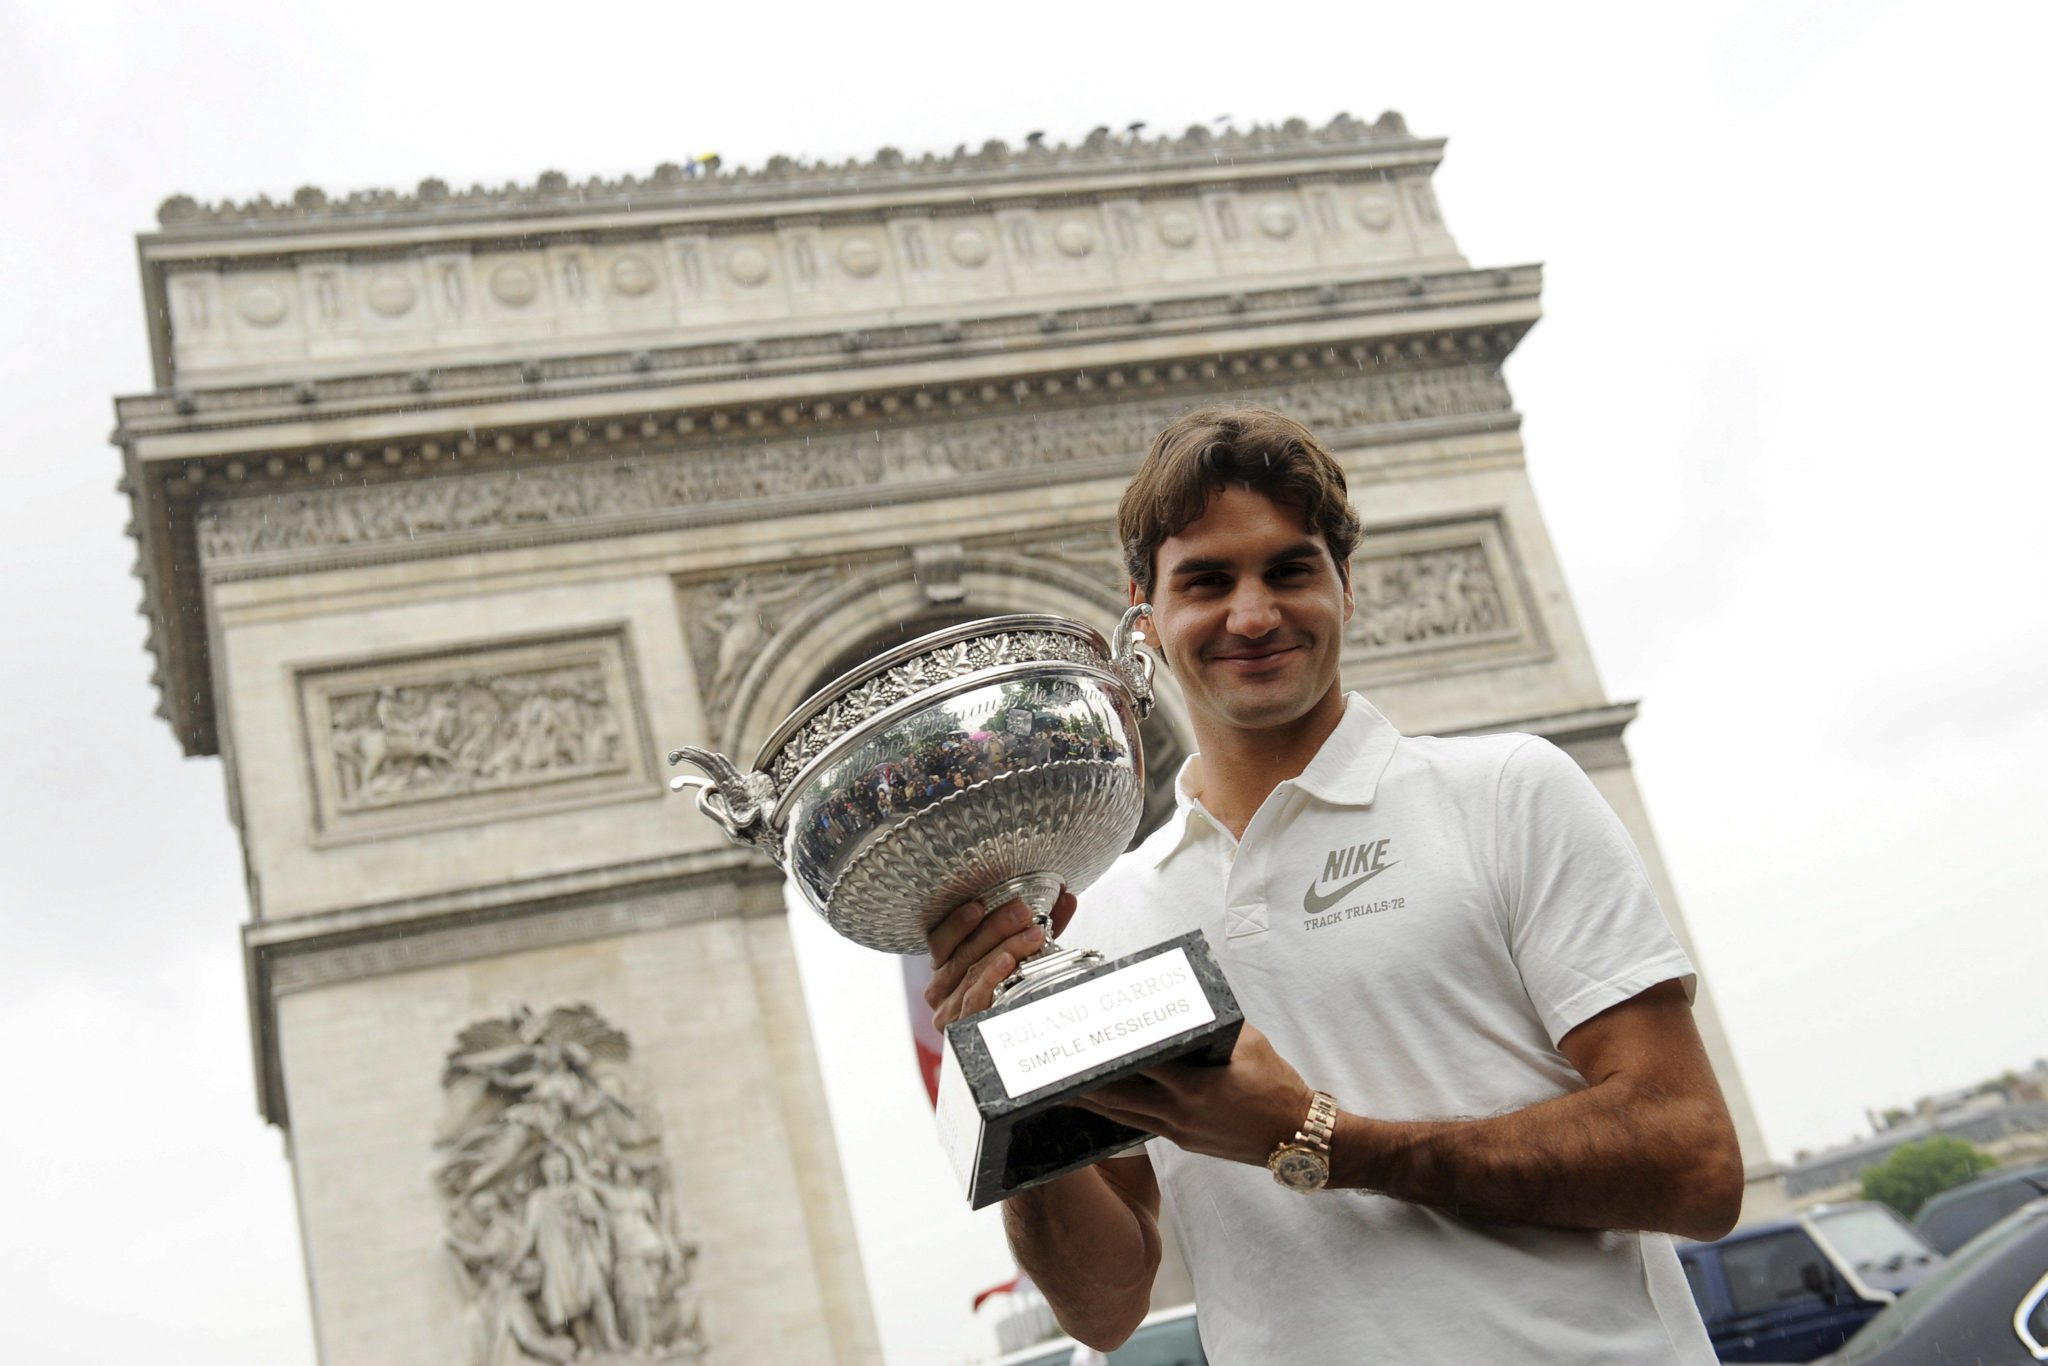 El tenista suizo Roger Federer muestra el trofeo mientras posa para los fotógrafos delante del Arco del Triunfo de París un día después de proclamarse campeón del Roland Garros, 8 de junio de 2009. EFE/Str